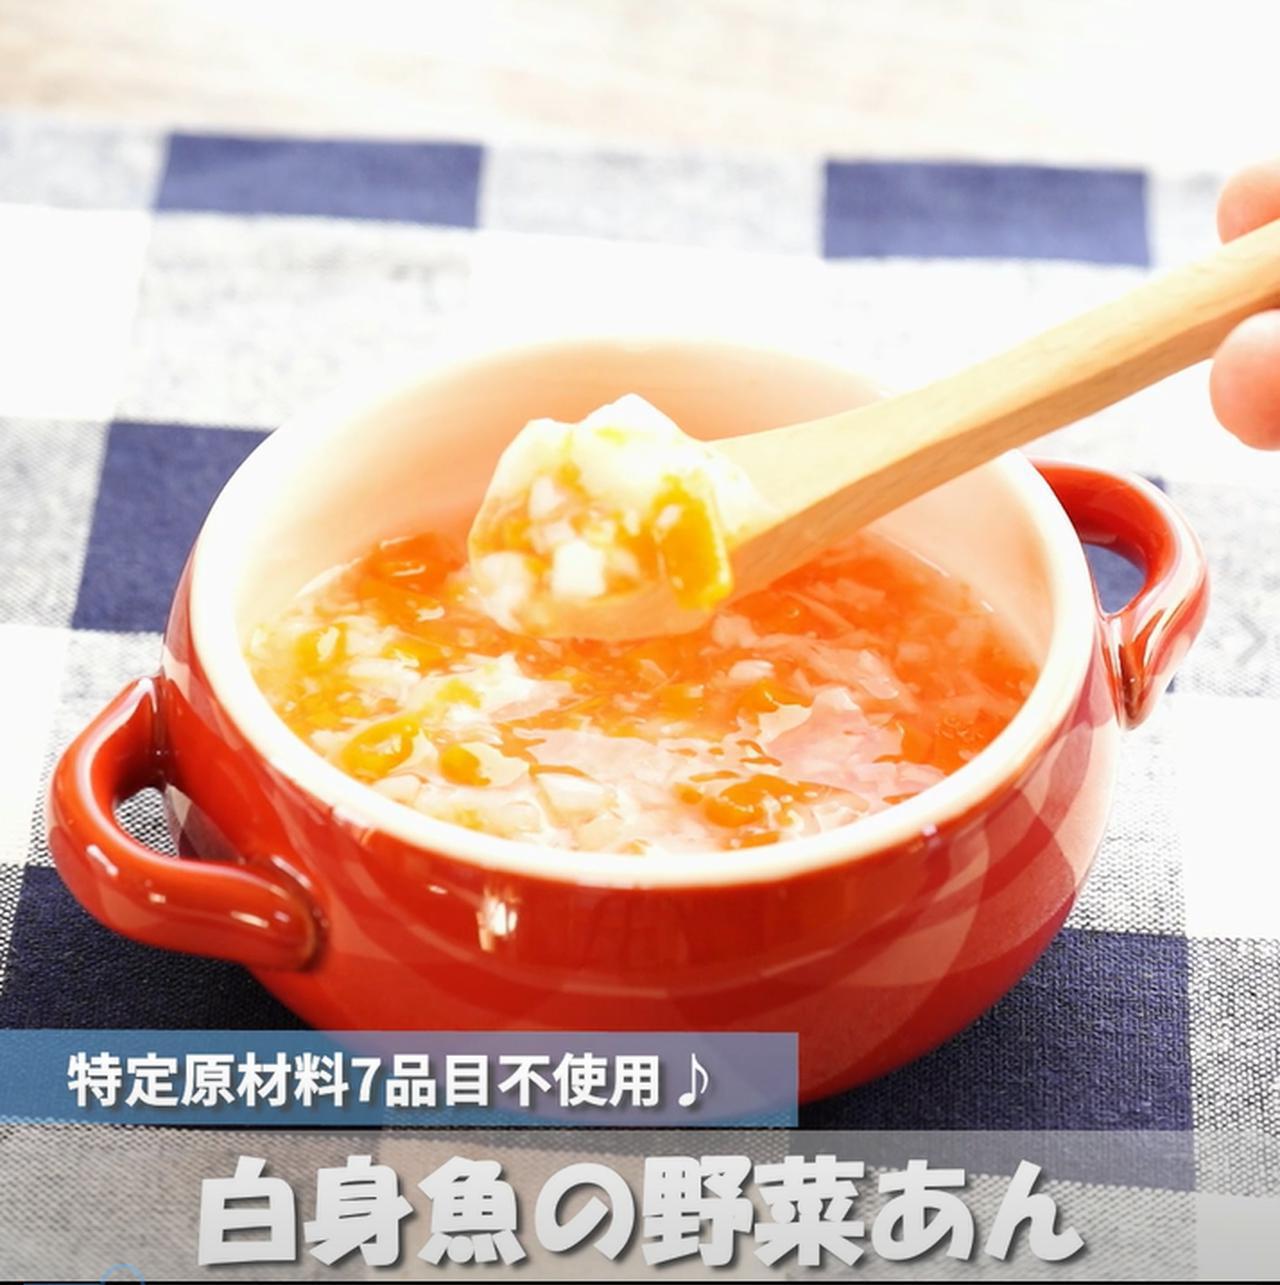 画像: 離乳食 中期レシピ!やさしい味の白身魚の野菜あん - 君とごはん